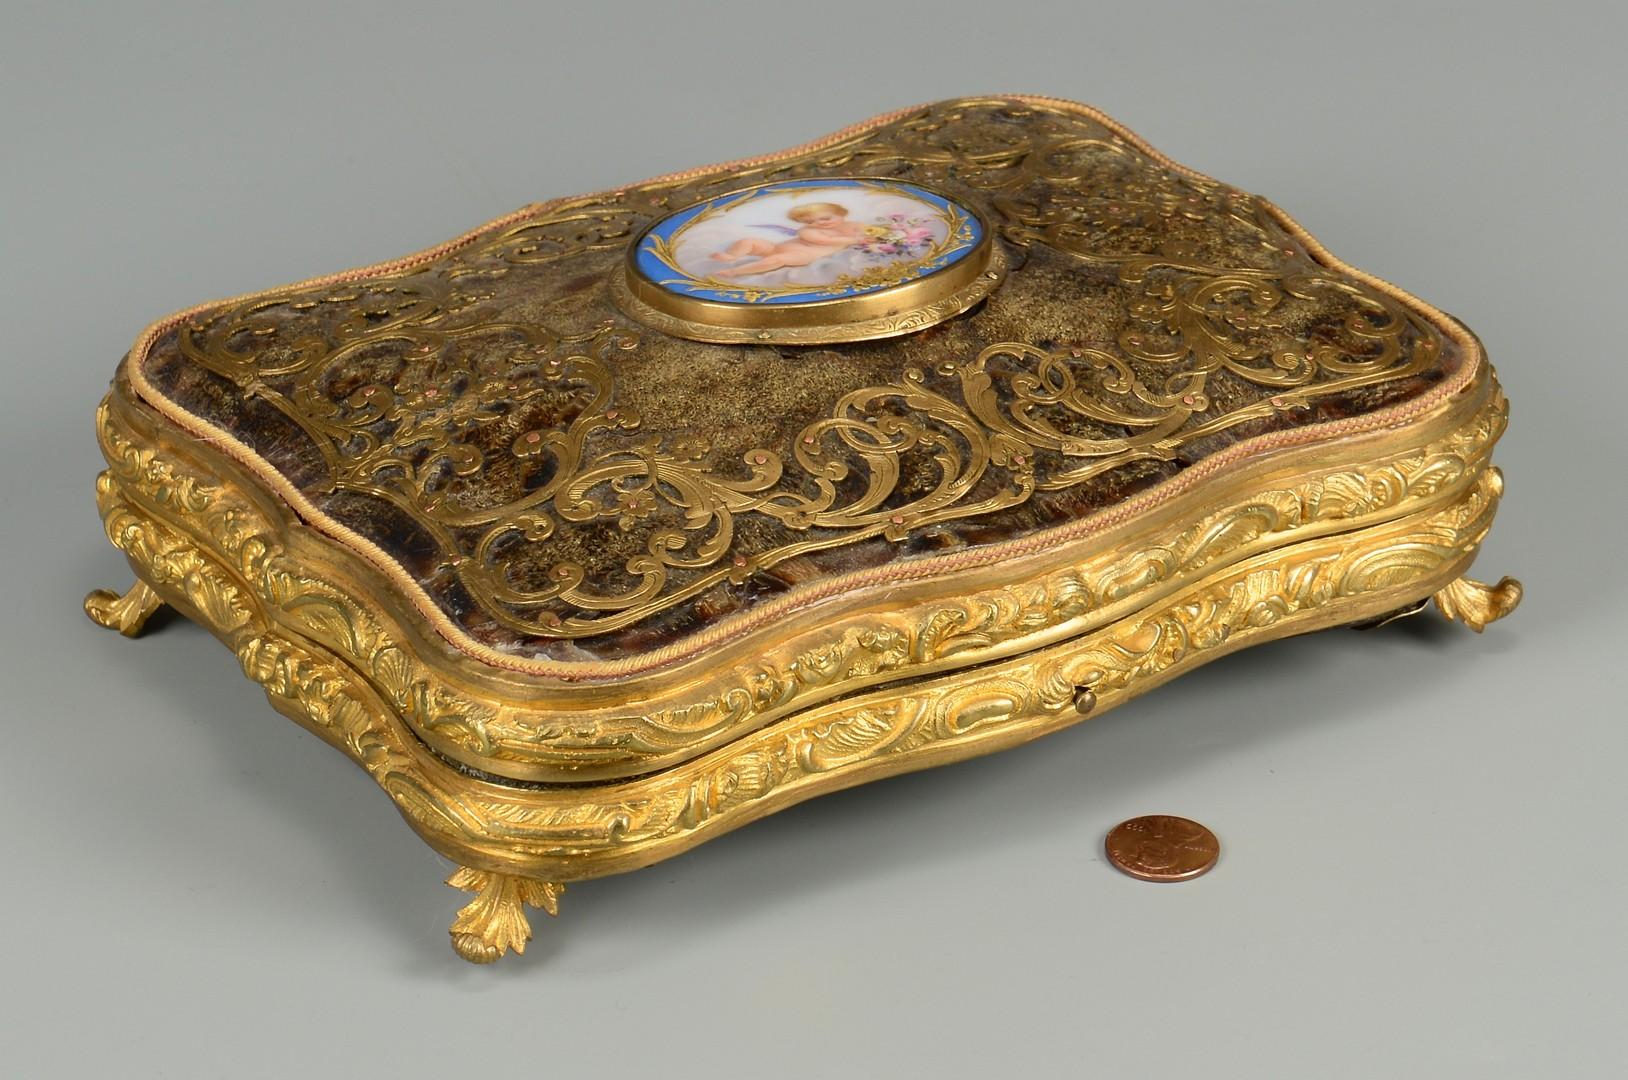 Lot 106: French Bronze Mounted Tortoiseshell Box